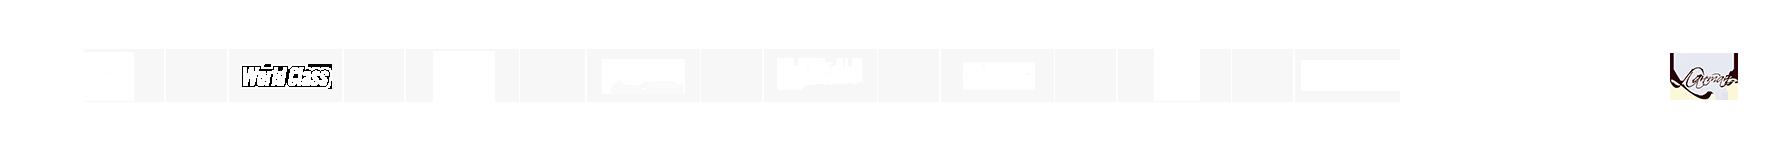 logos border new3 - Аппарат для чистки лица HydraFacial® - купить в Москве